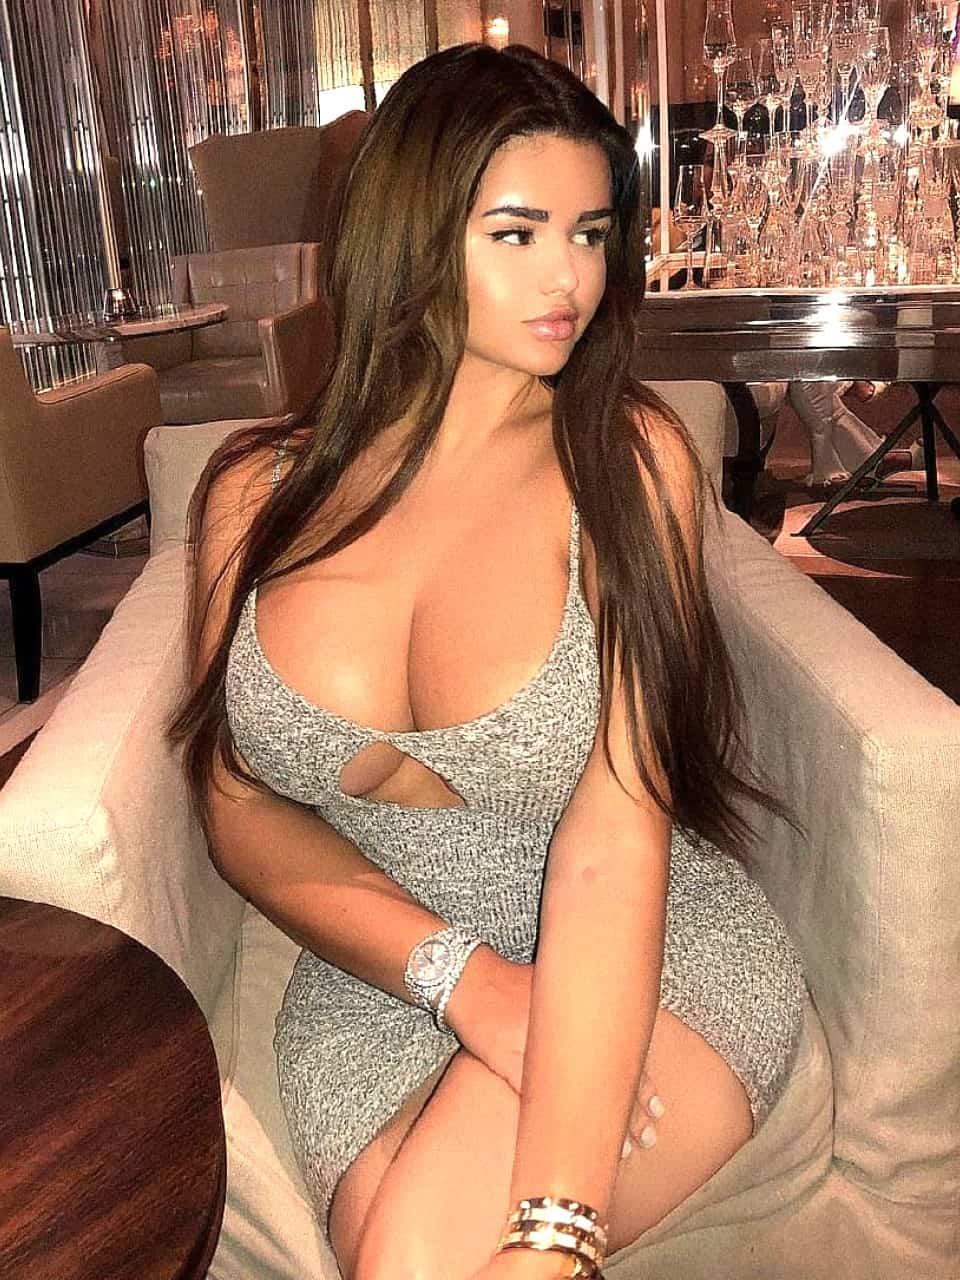 Sharjah escort girl Amino